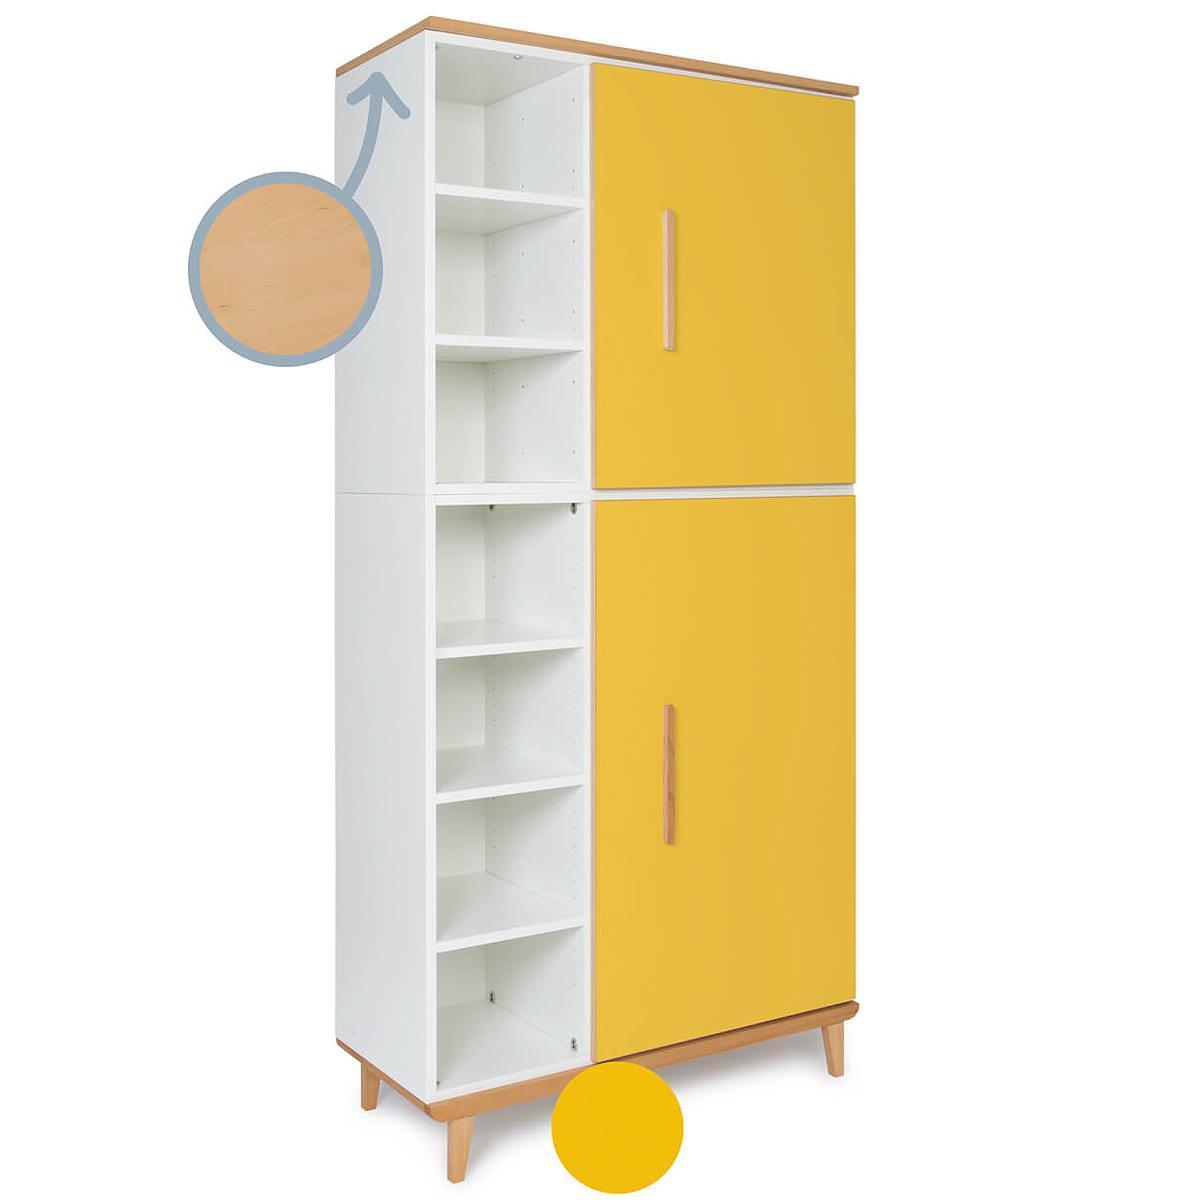 Kleiderschrank 198cm 2-türig NADO sunshine yellow